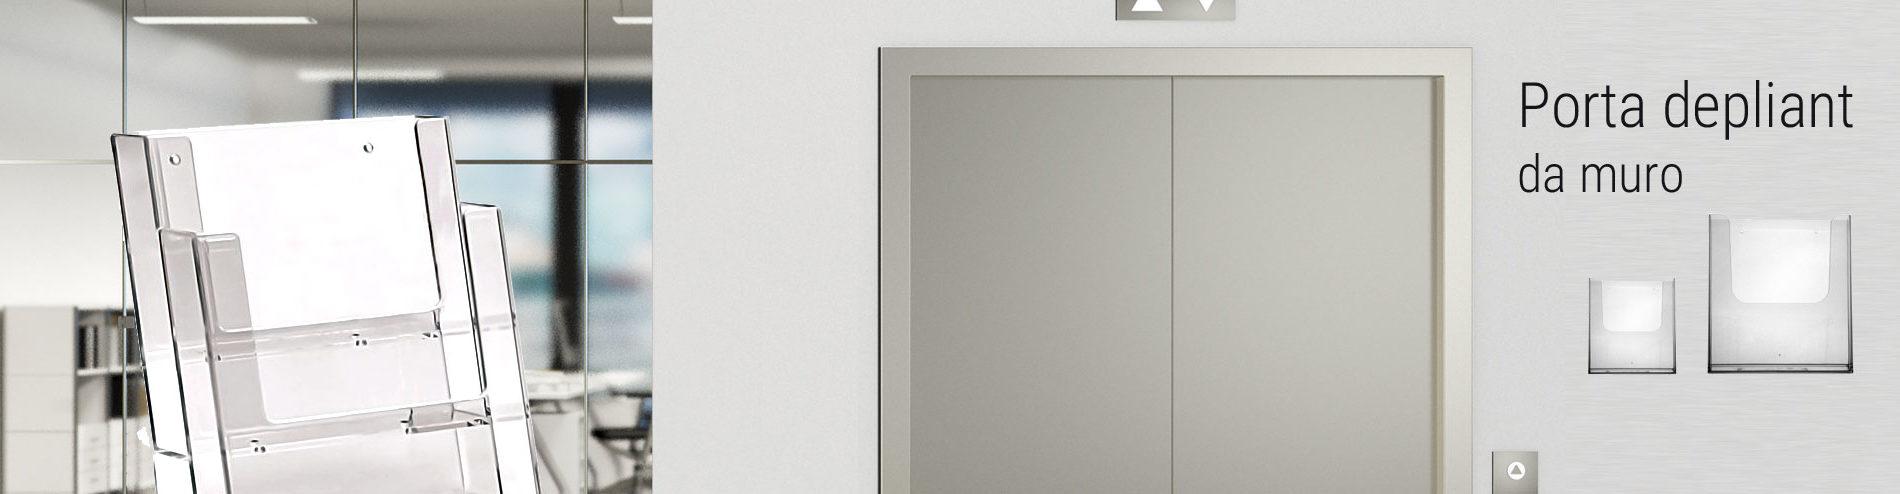 porta depliant plexi da muro